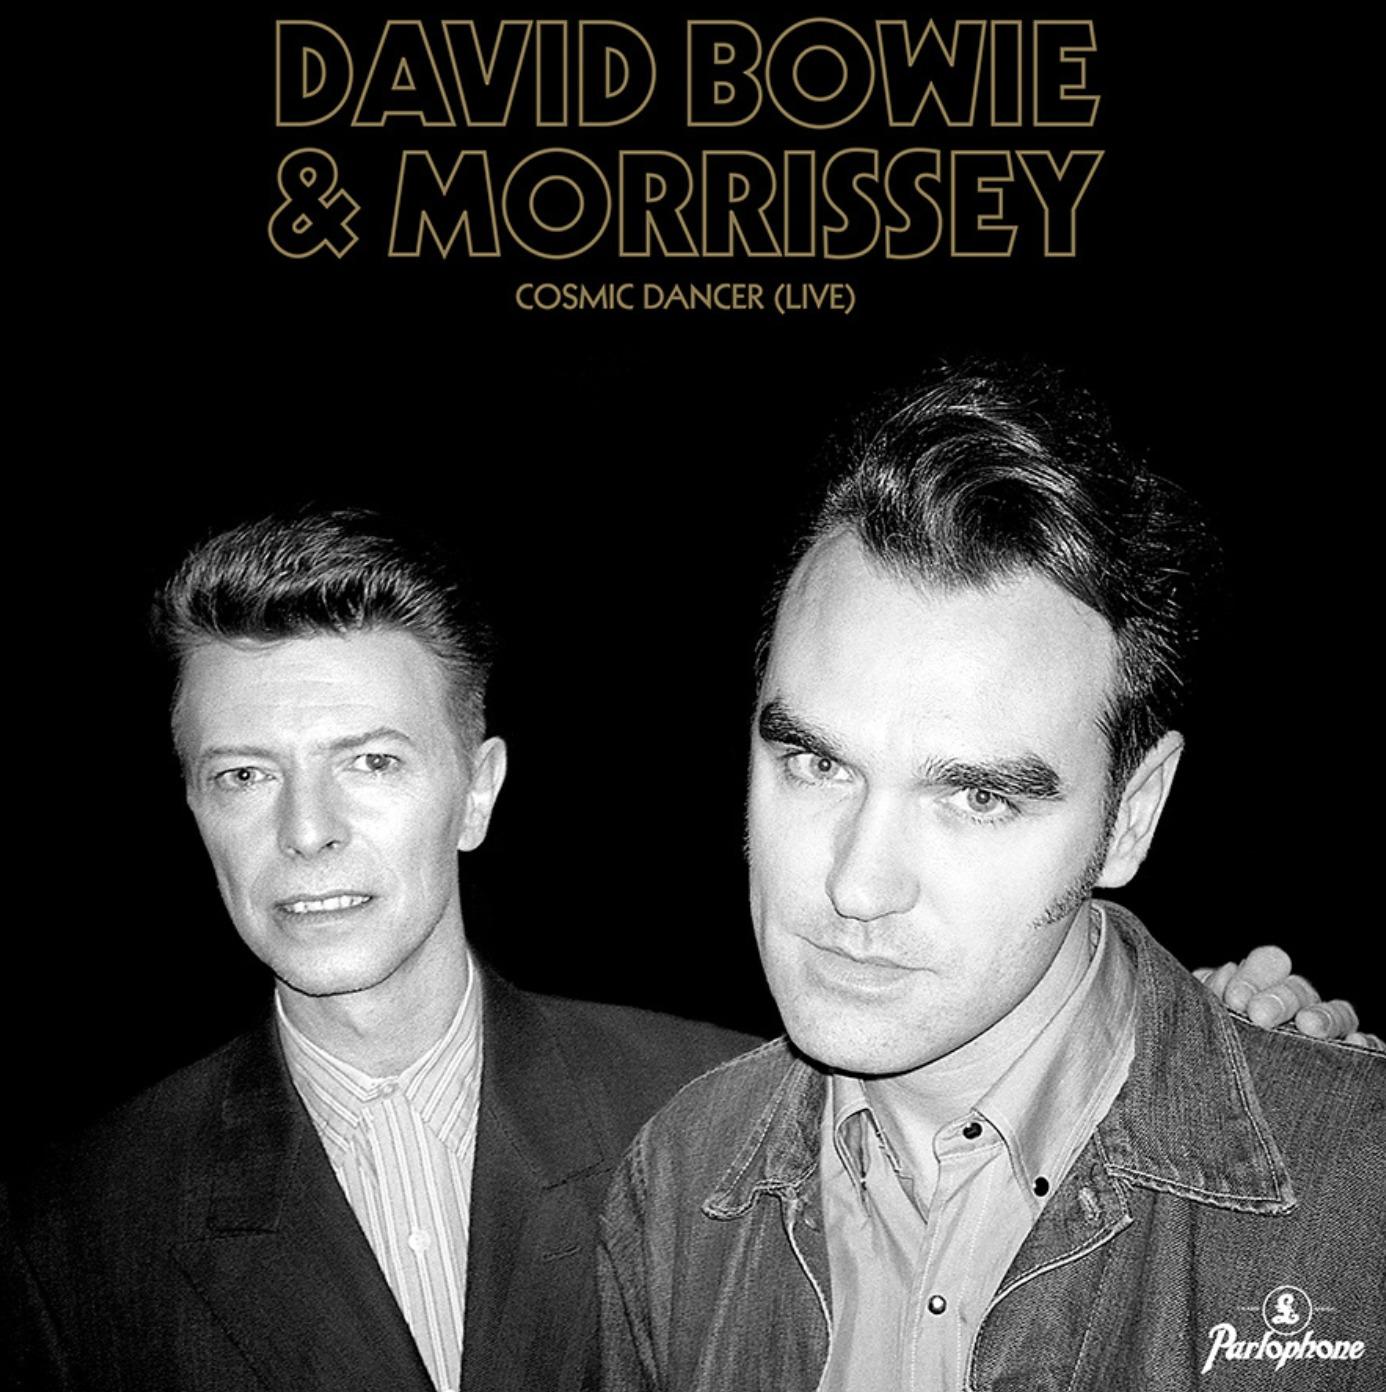 News – David Bowie & Morrissey – Cosmic Dancer (audio)